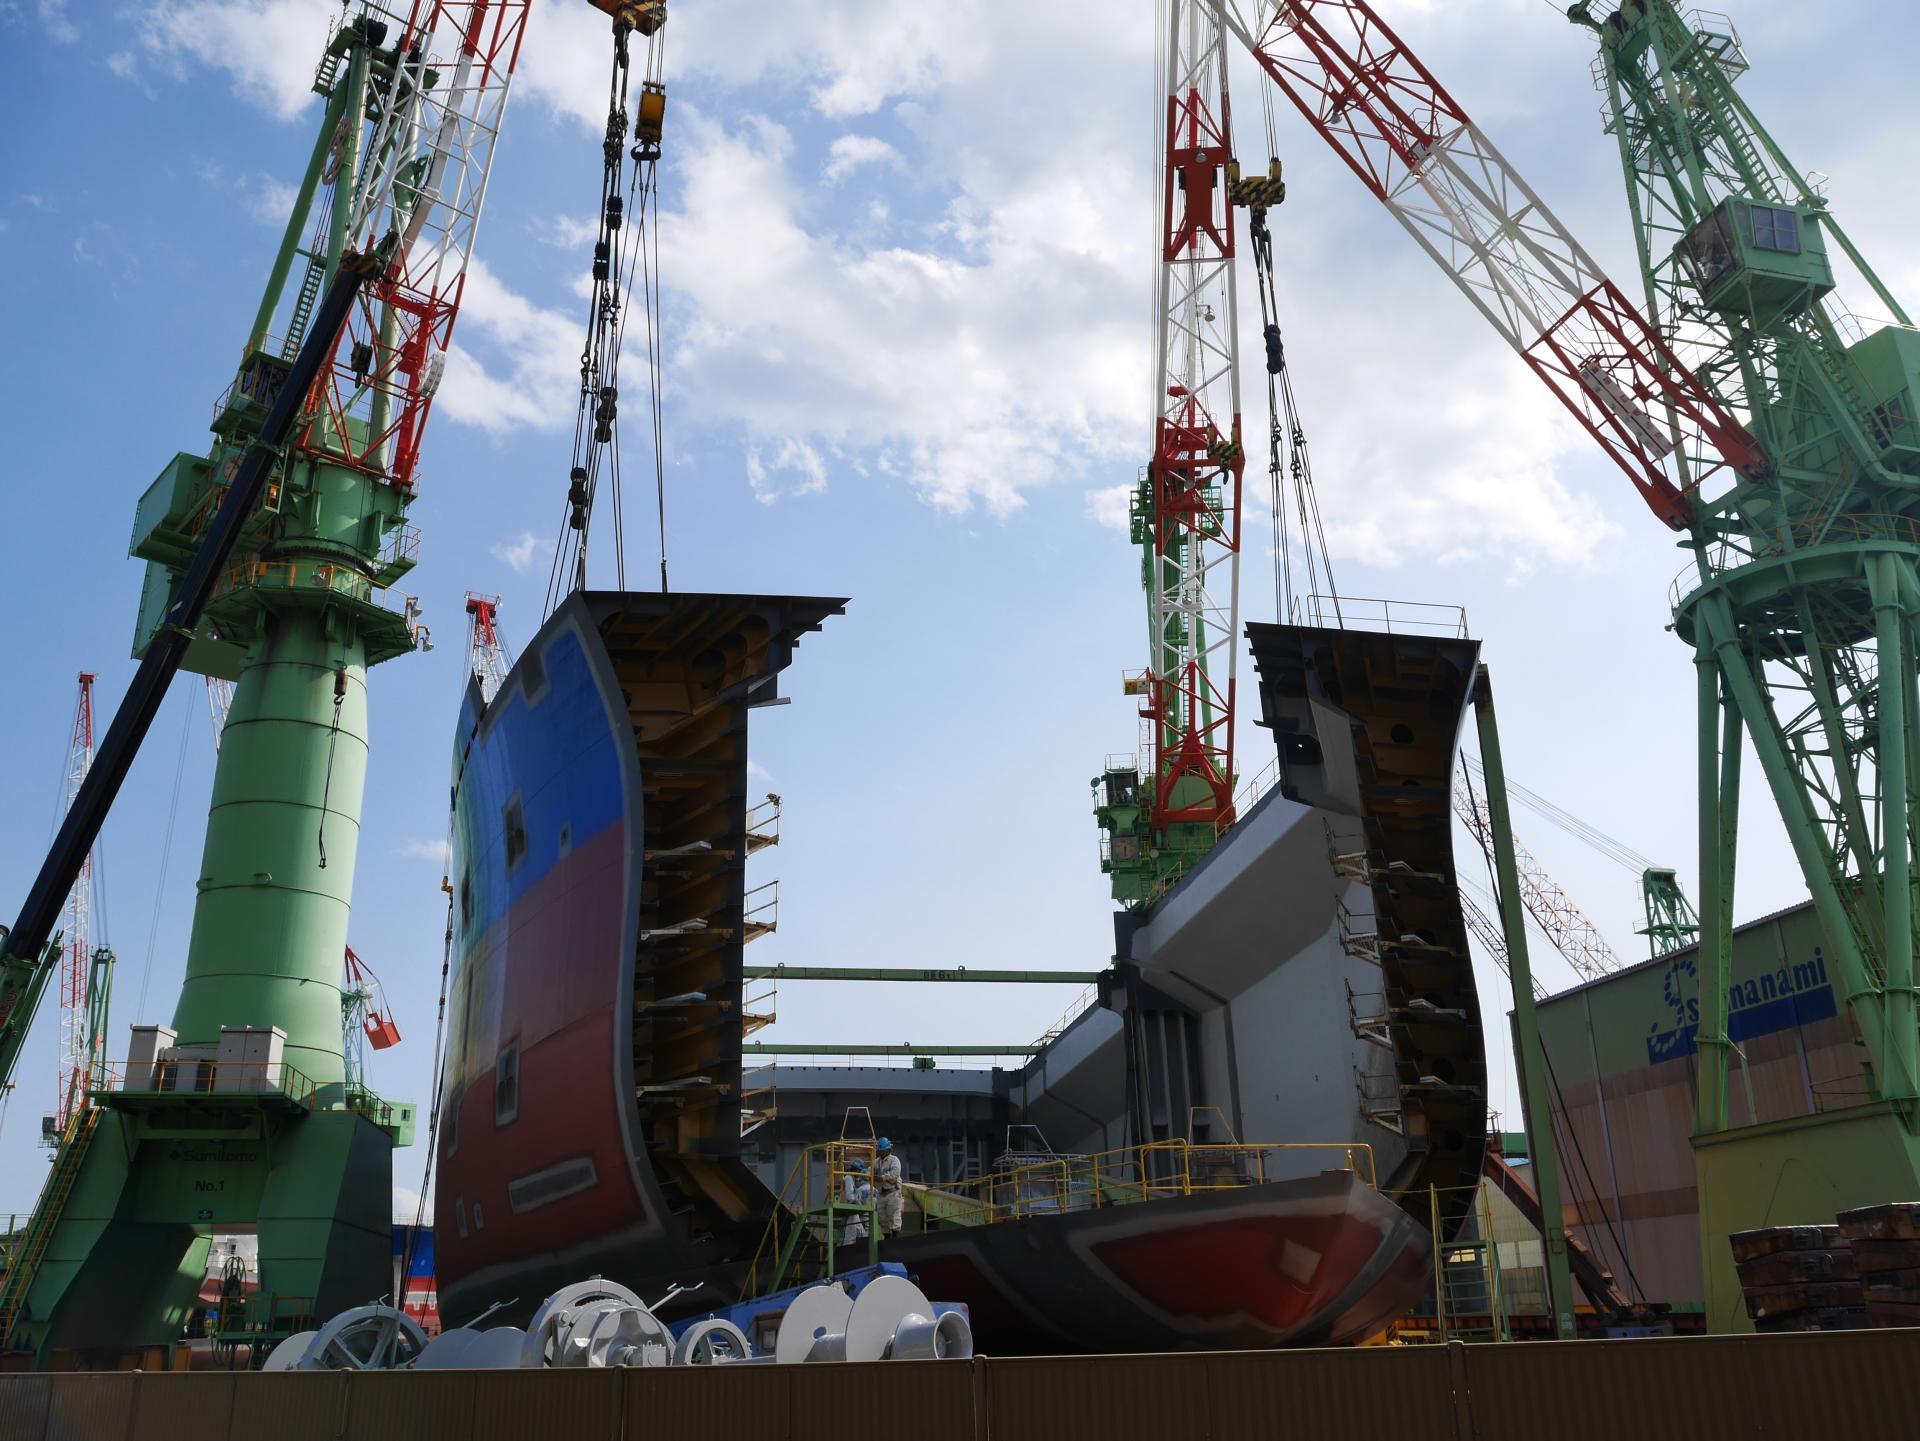 沿途處處可見造船廠和新造船隻雄偉壯觀的景色